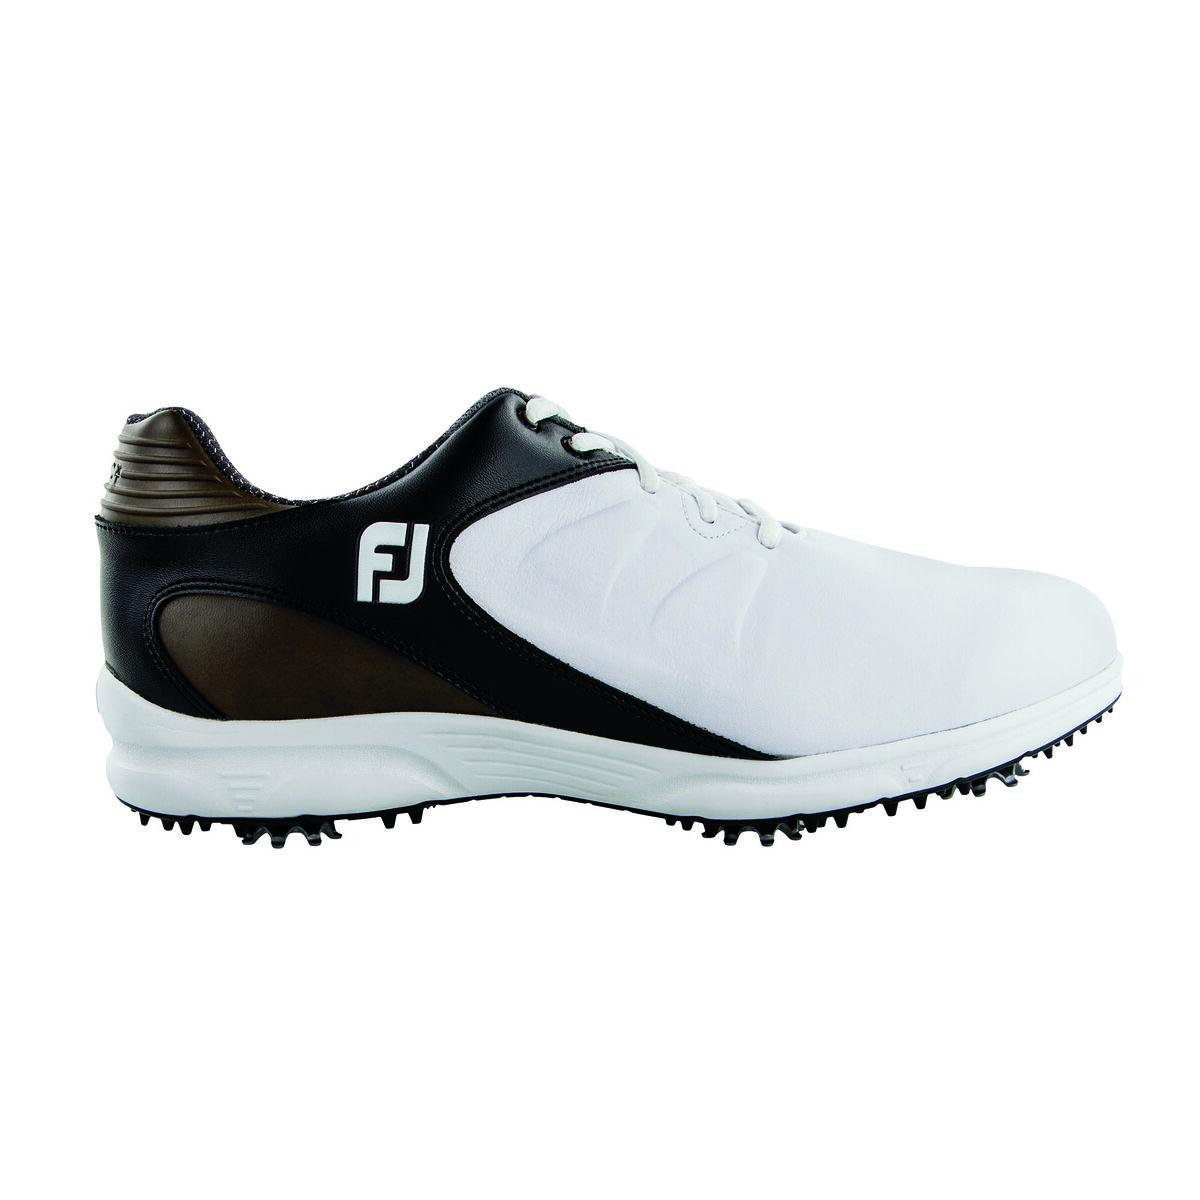 970efd575182f FootJoy ARC XT Men's Golf Shoe - White/Brown | PGA TOUR Superstore